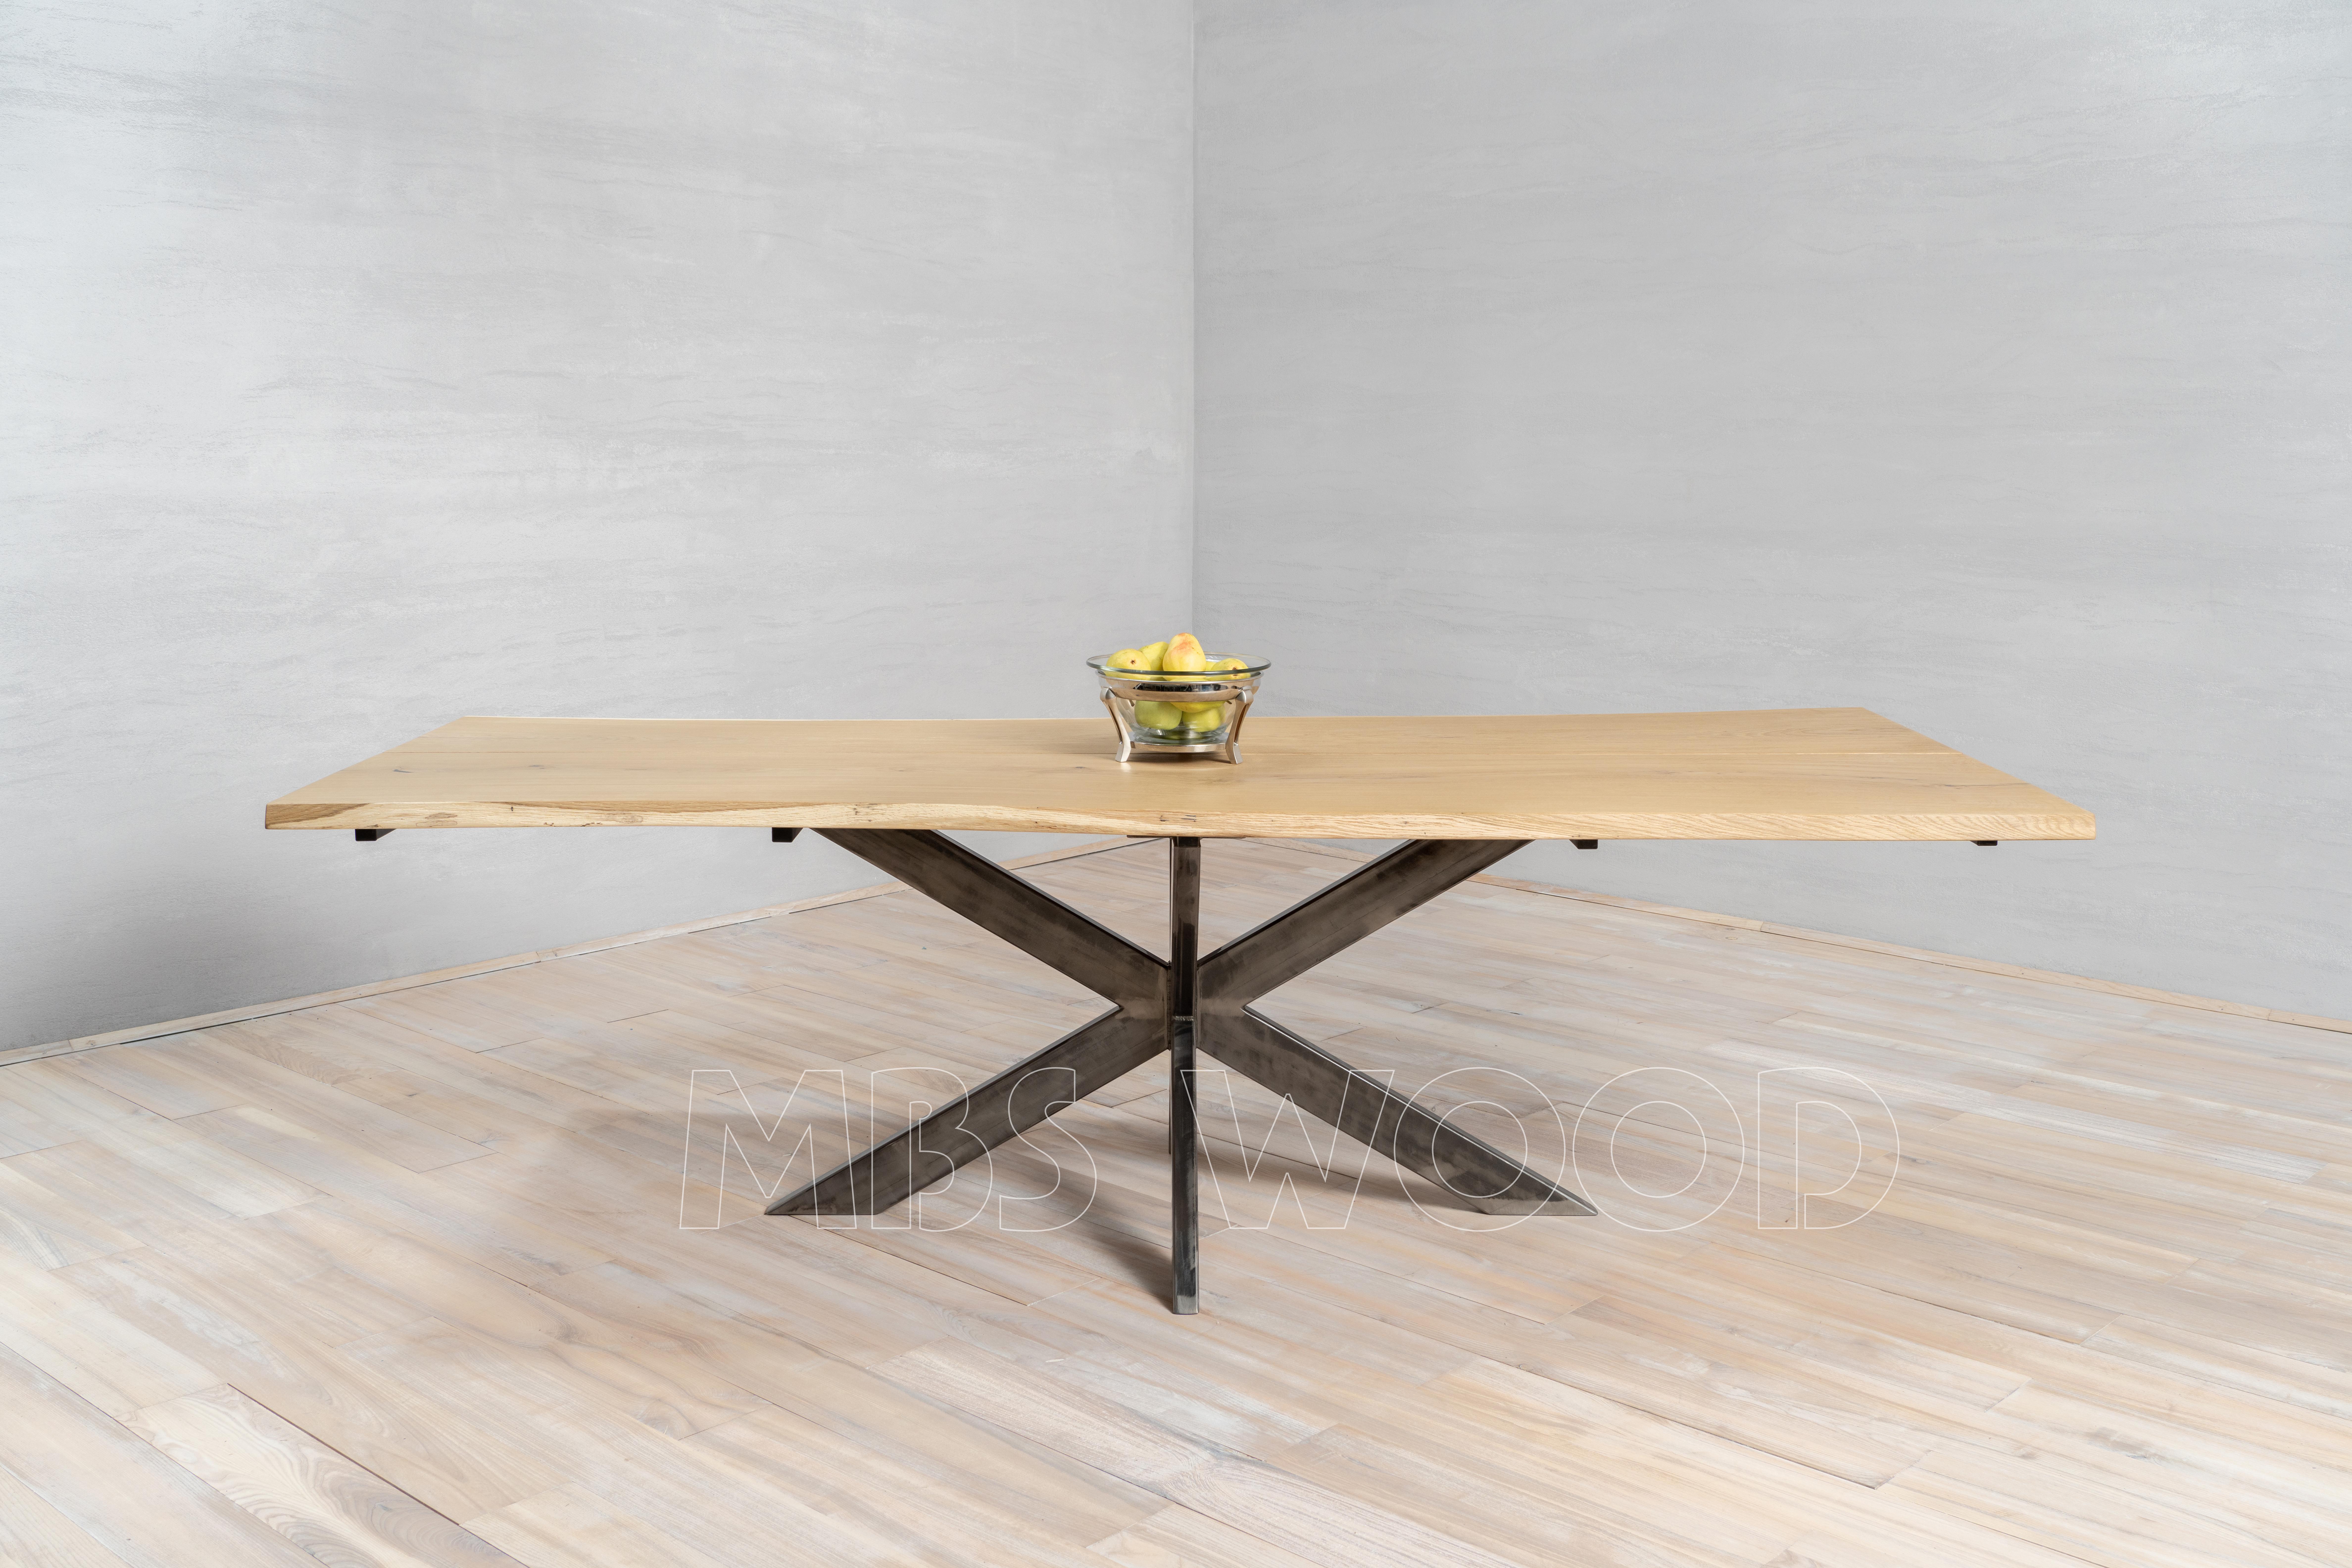 Oak tables mbswood.com